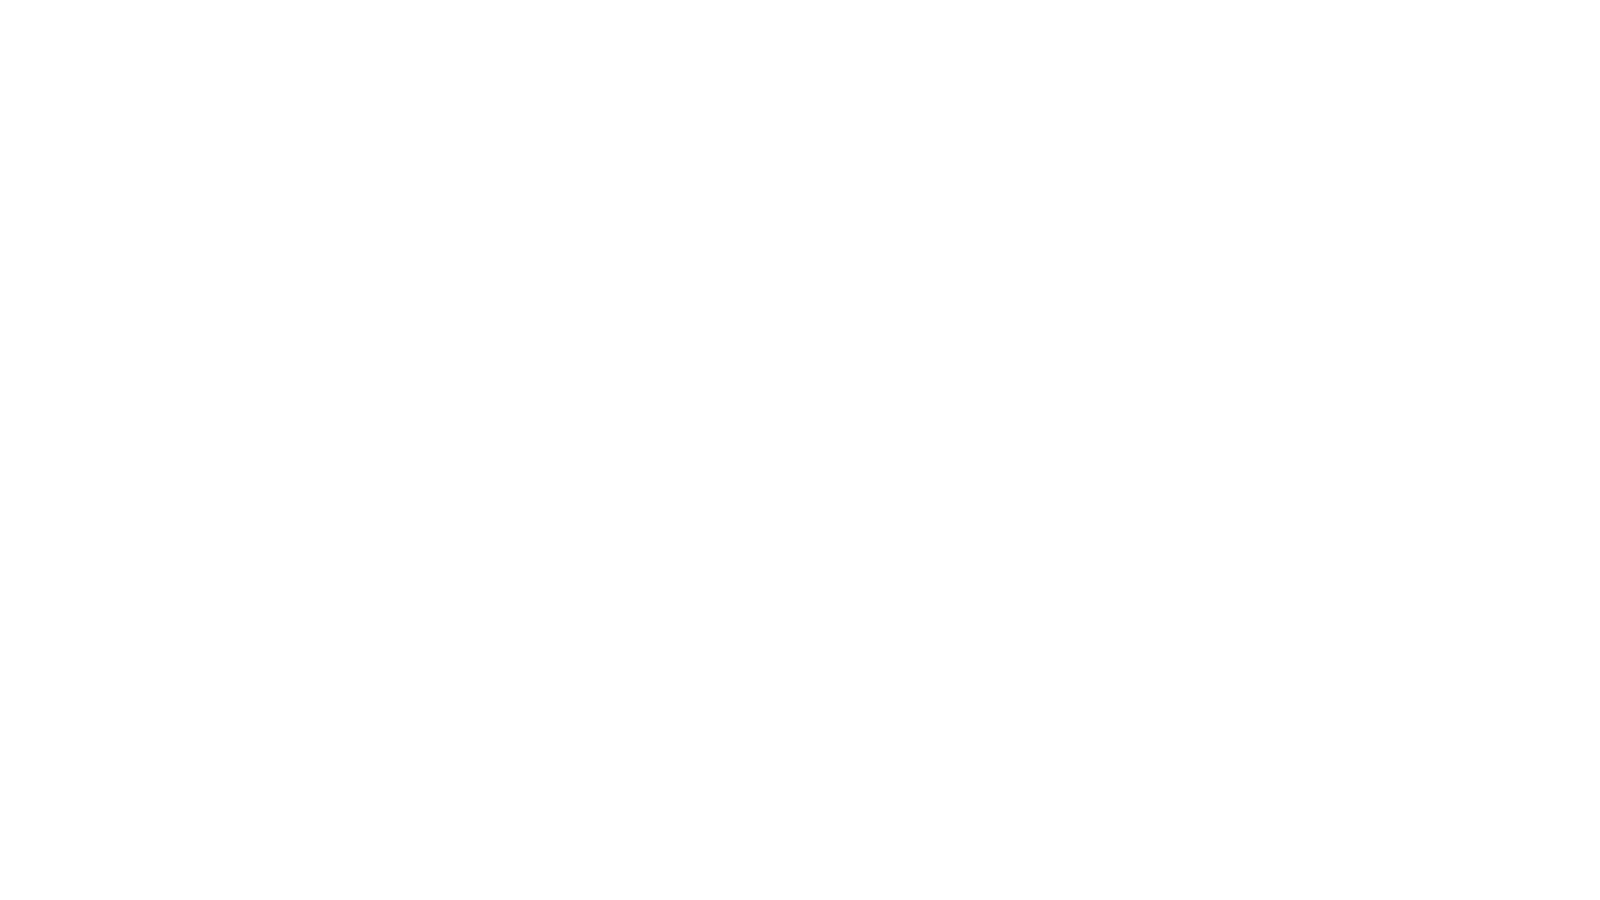 Performance Marketing im Unternehmen etablieren und entwickeln! Im Experteninterview Sandra Junger mit Michael Bernecker! Backgroundwissen zum Performance Marketing im Unternehmen!  Mehr zu Performance Marketing:  ✅ Performance Marketing Lehrgang:  https://www.marketinginstitut.biz/zertifikatslehrgaenge/weiterbildung-performance-marketing/  ✅ Performance Marketing Seminar:  https://www.marketinginstitut.biz/seminare/performance-marketing-seminar/ ✅ Performance Marketing Background:  https://www.marketinginstitut.biz/blog/performance-marketing/  #performancemarketing #newmarketing #onlinemarketing